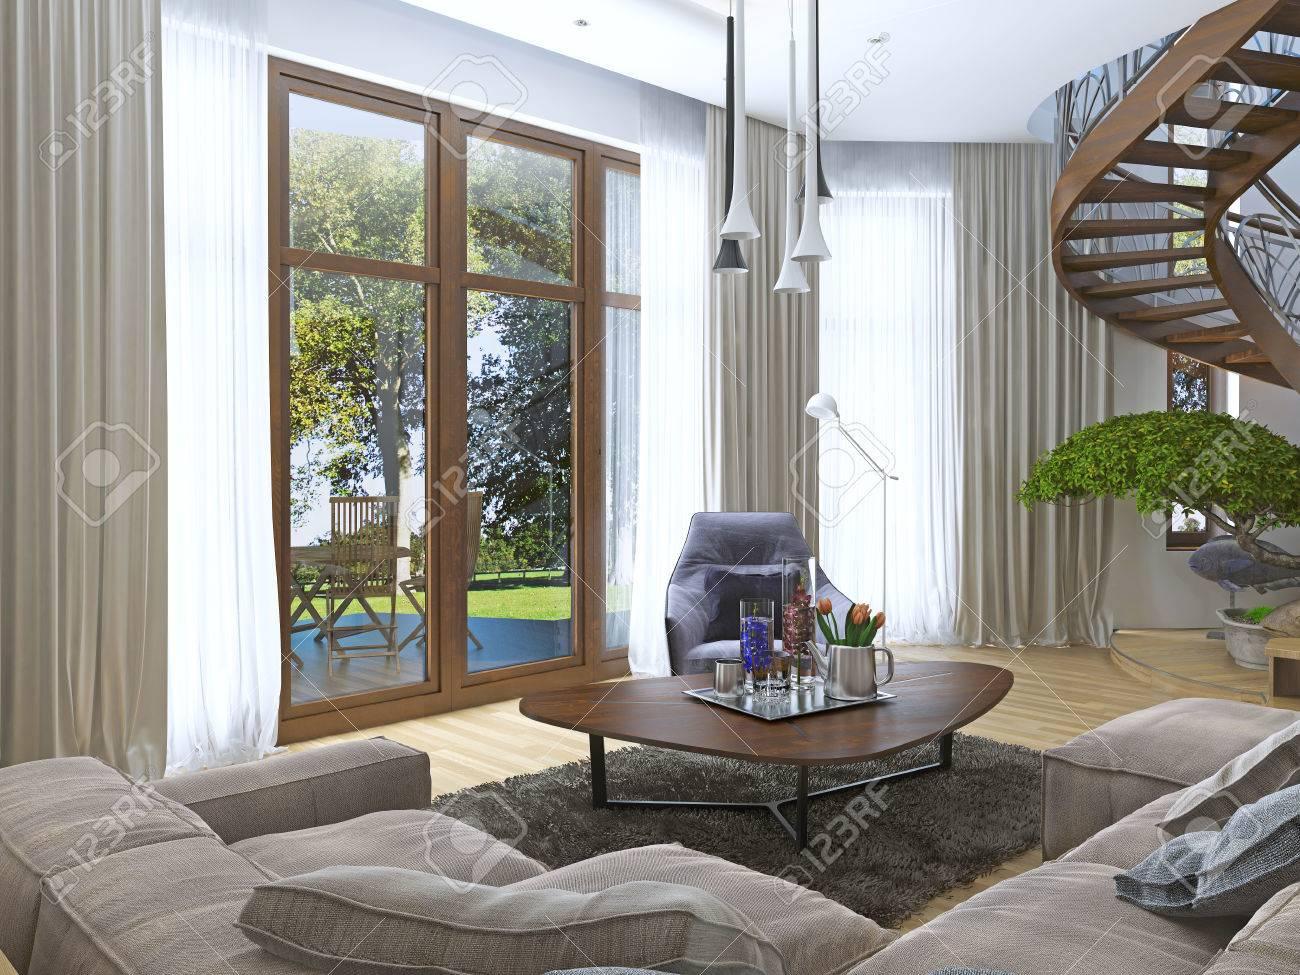 Vivre Dans Un Style Moderne Avec Un Escalier En Bois En Colimaçon Au ...